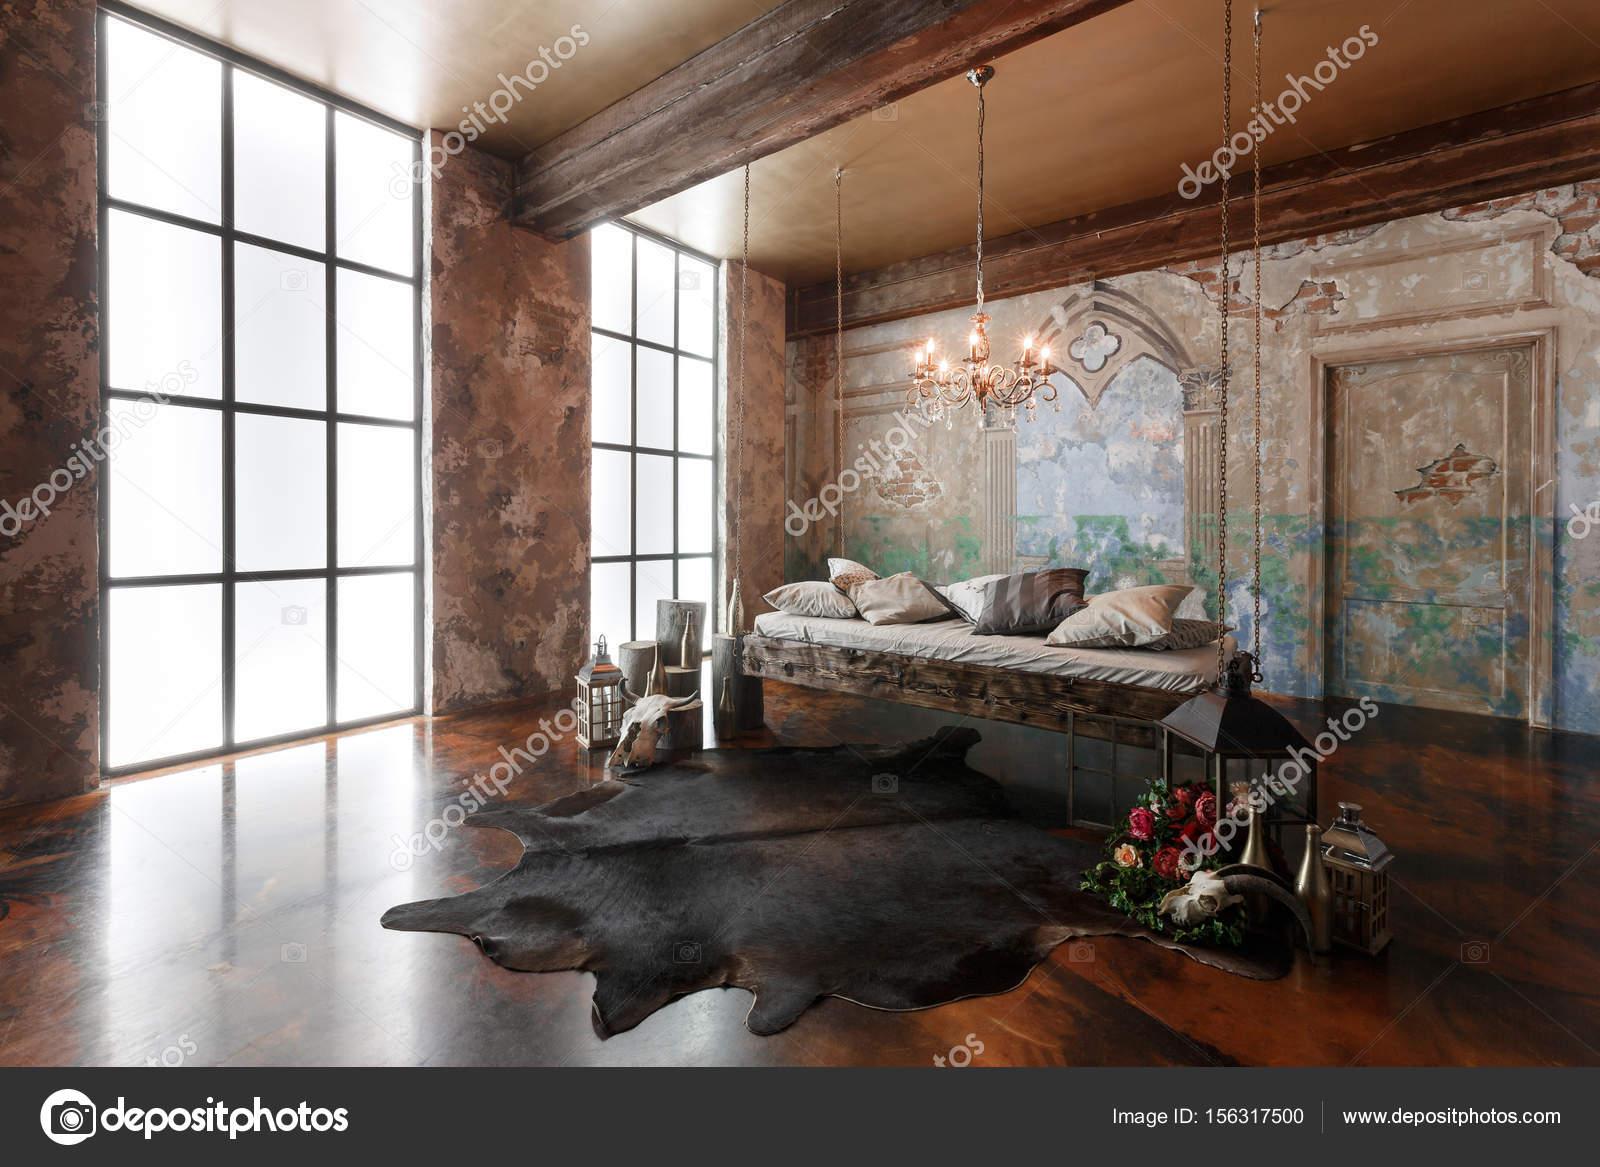 κρεμαστο κρεβατι Εσωτερικό πατάρι με κρεμαστό κρεβάτι σε μοντέρνο σχεδιασμό  κρεμαστο κρεβατι